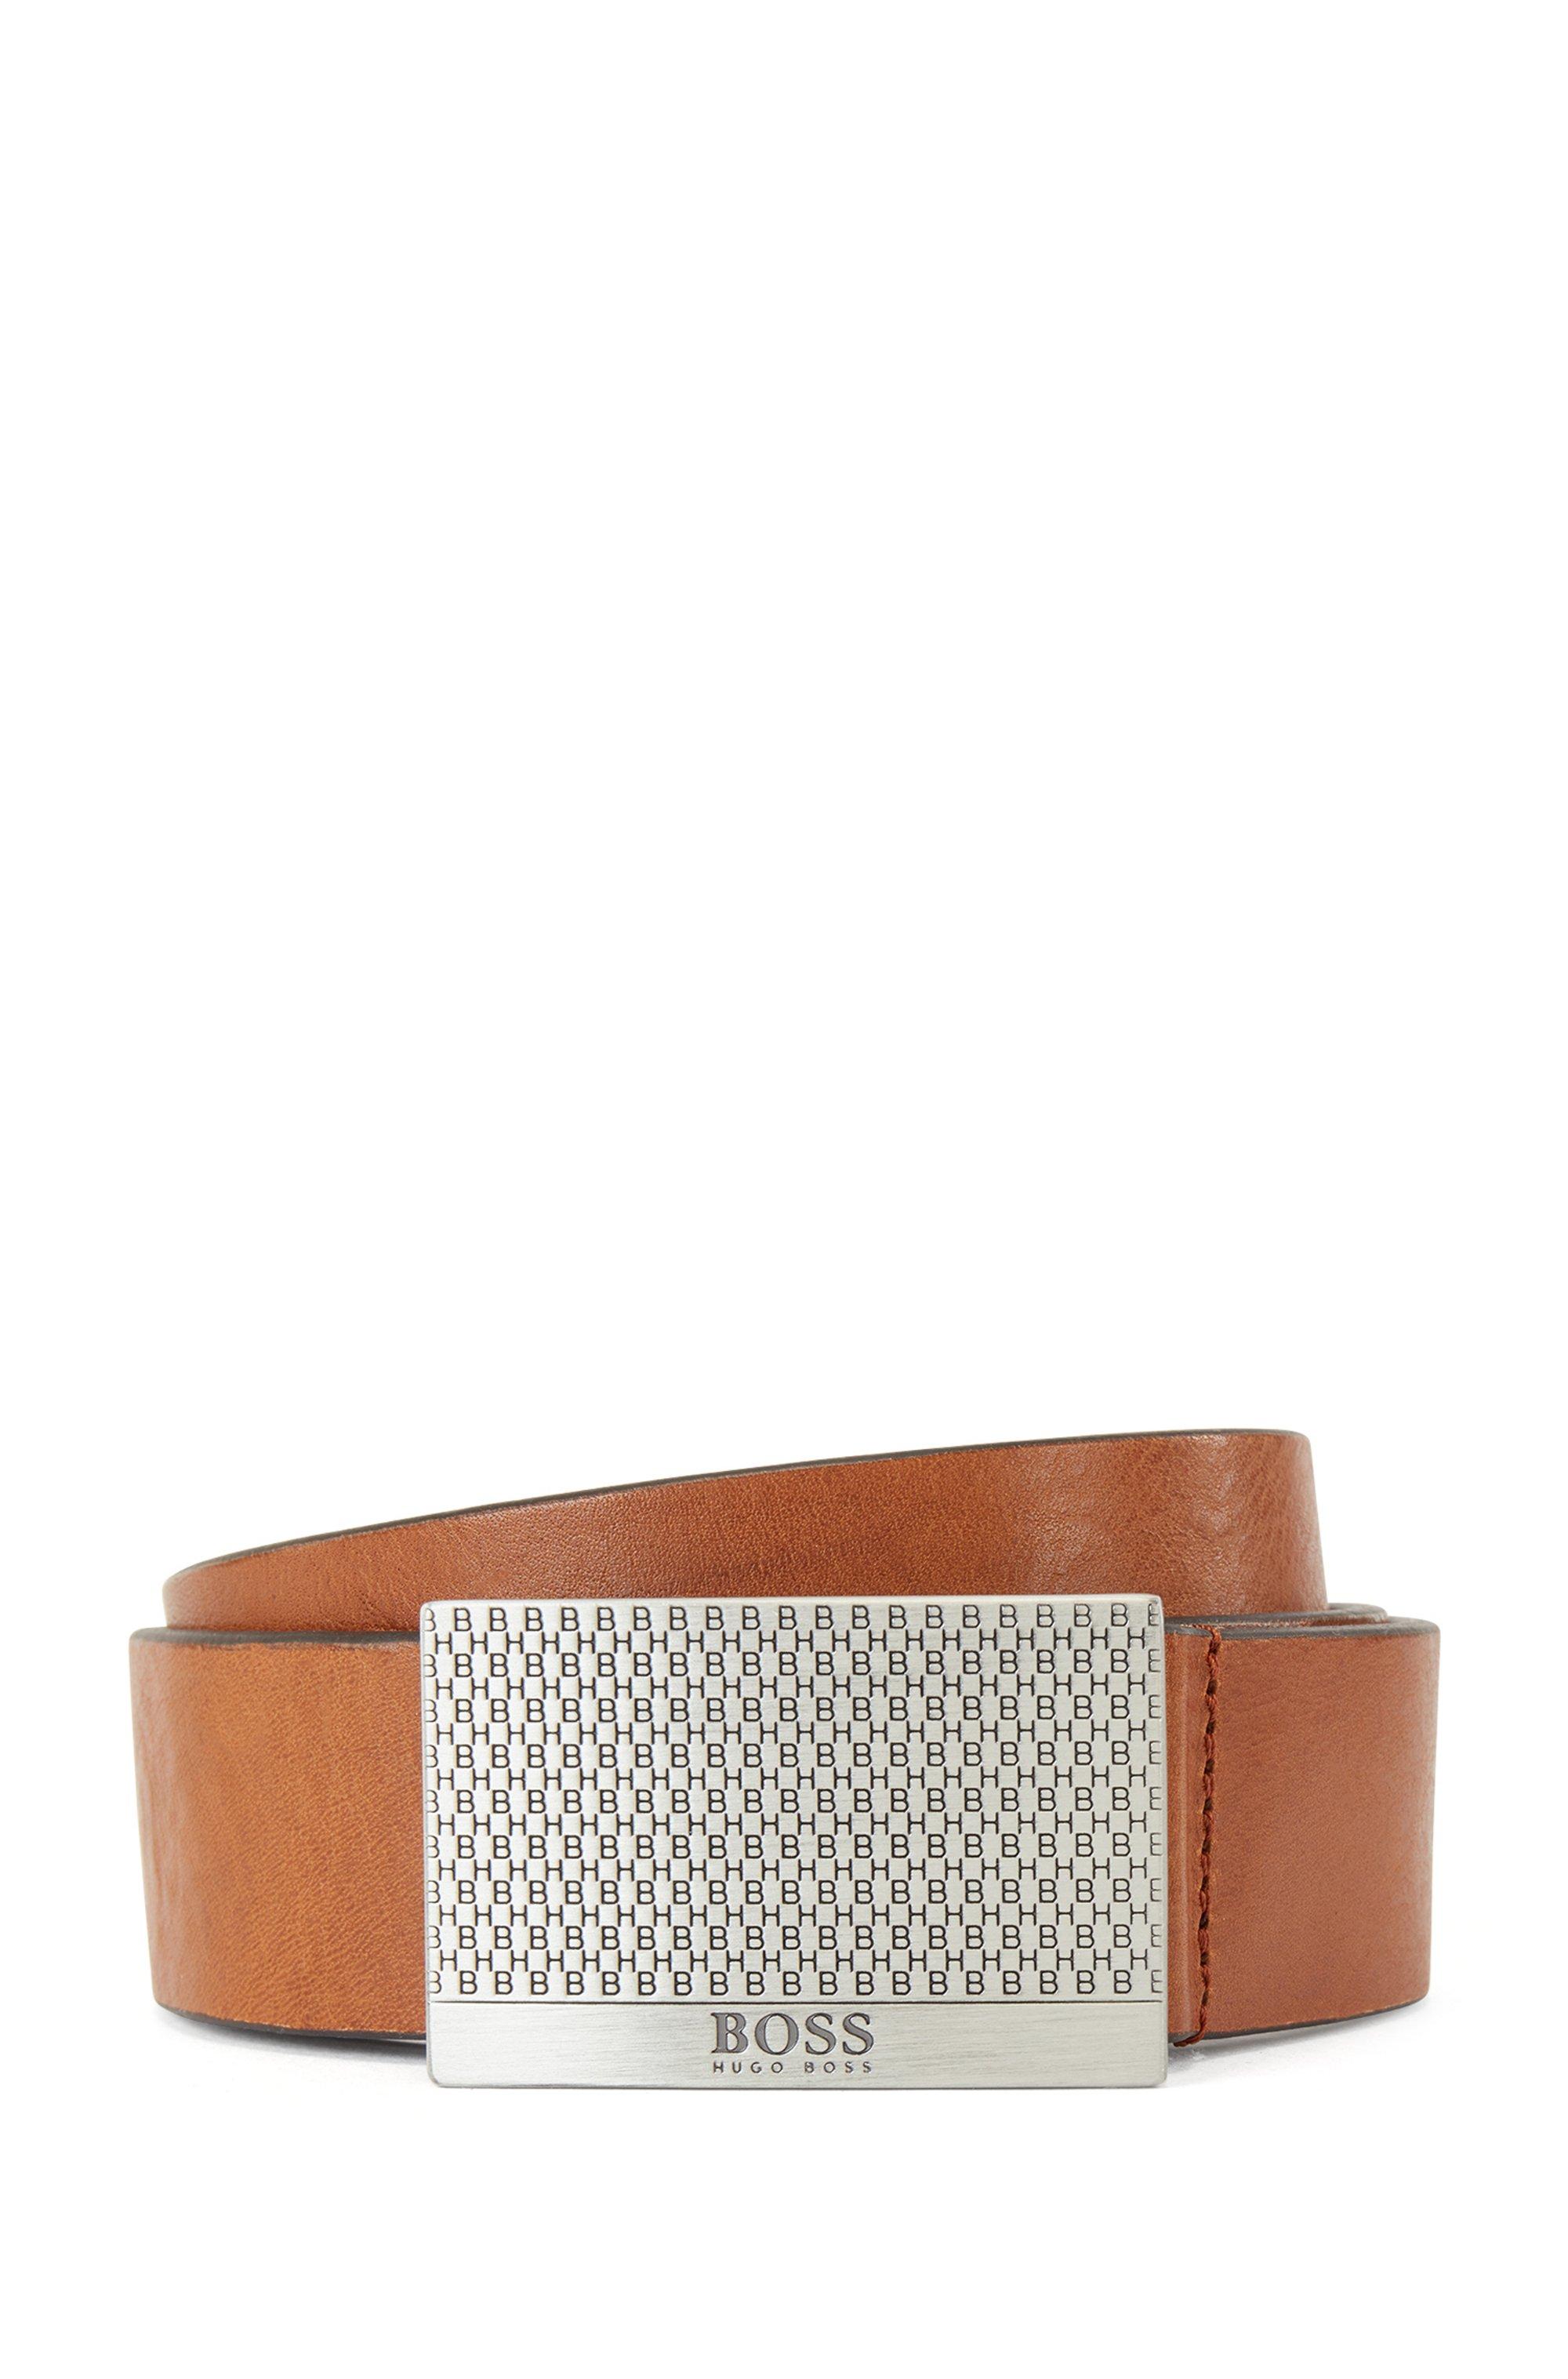 Gegerbter Ledergürtel mit Monogramm-Prägung auf der Koppelschließe, Braun